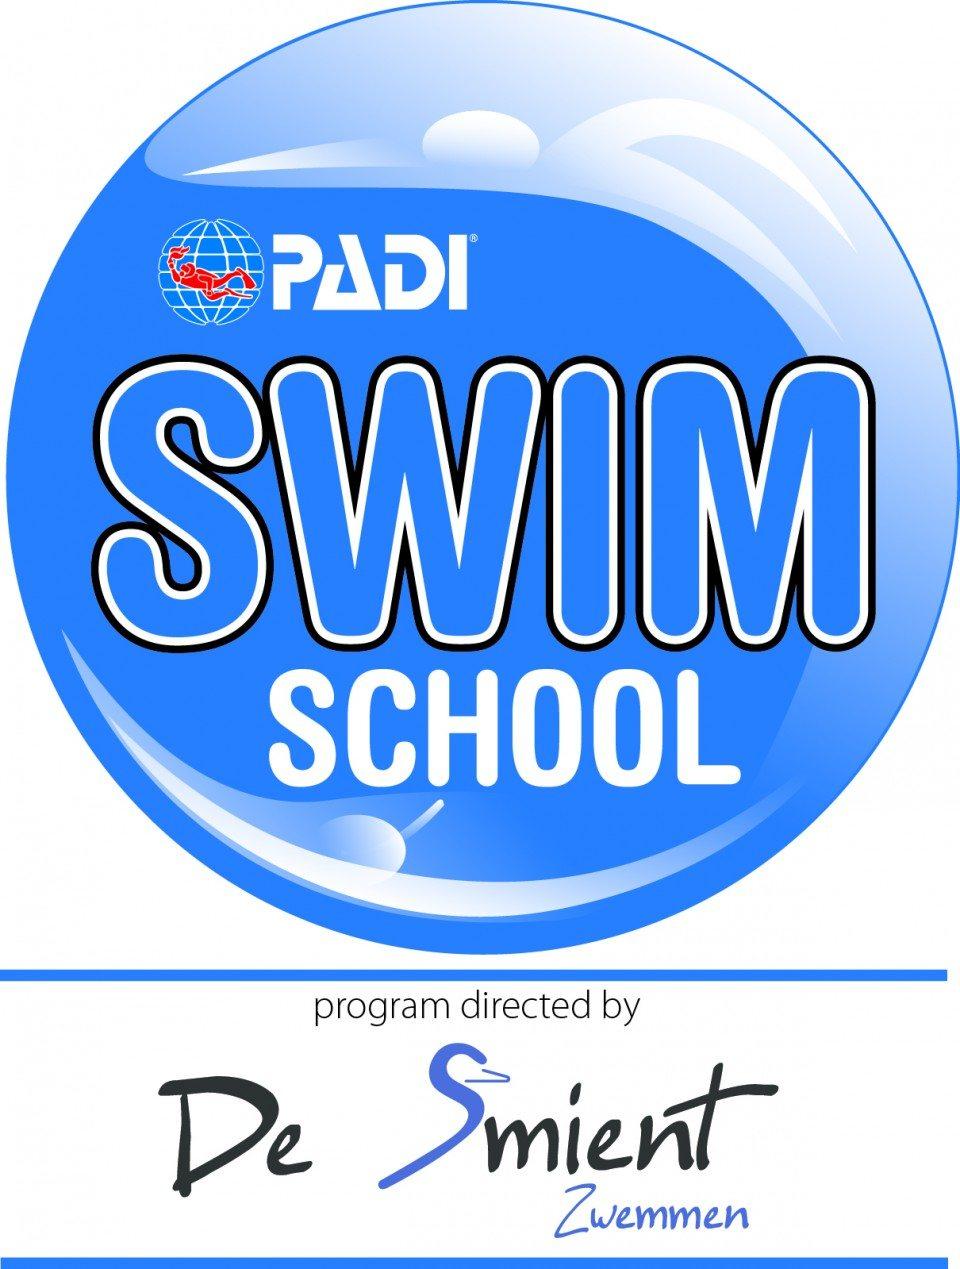 PADISwimSchool-programdirected